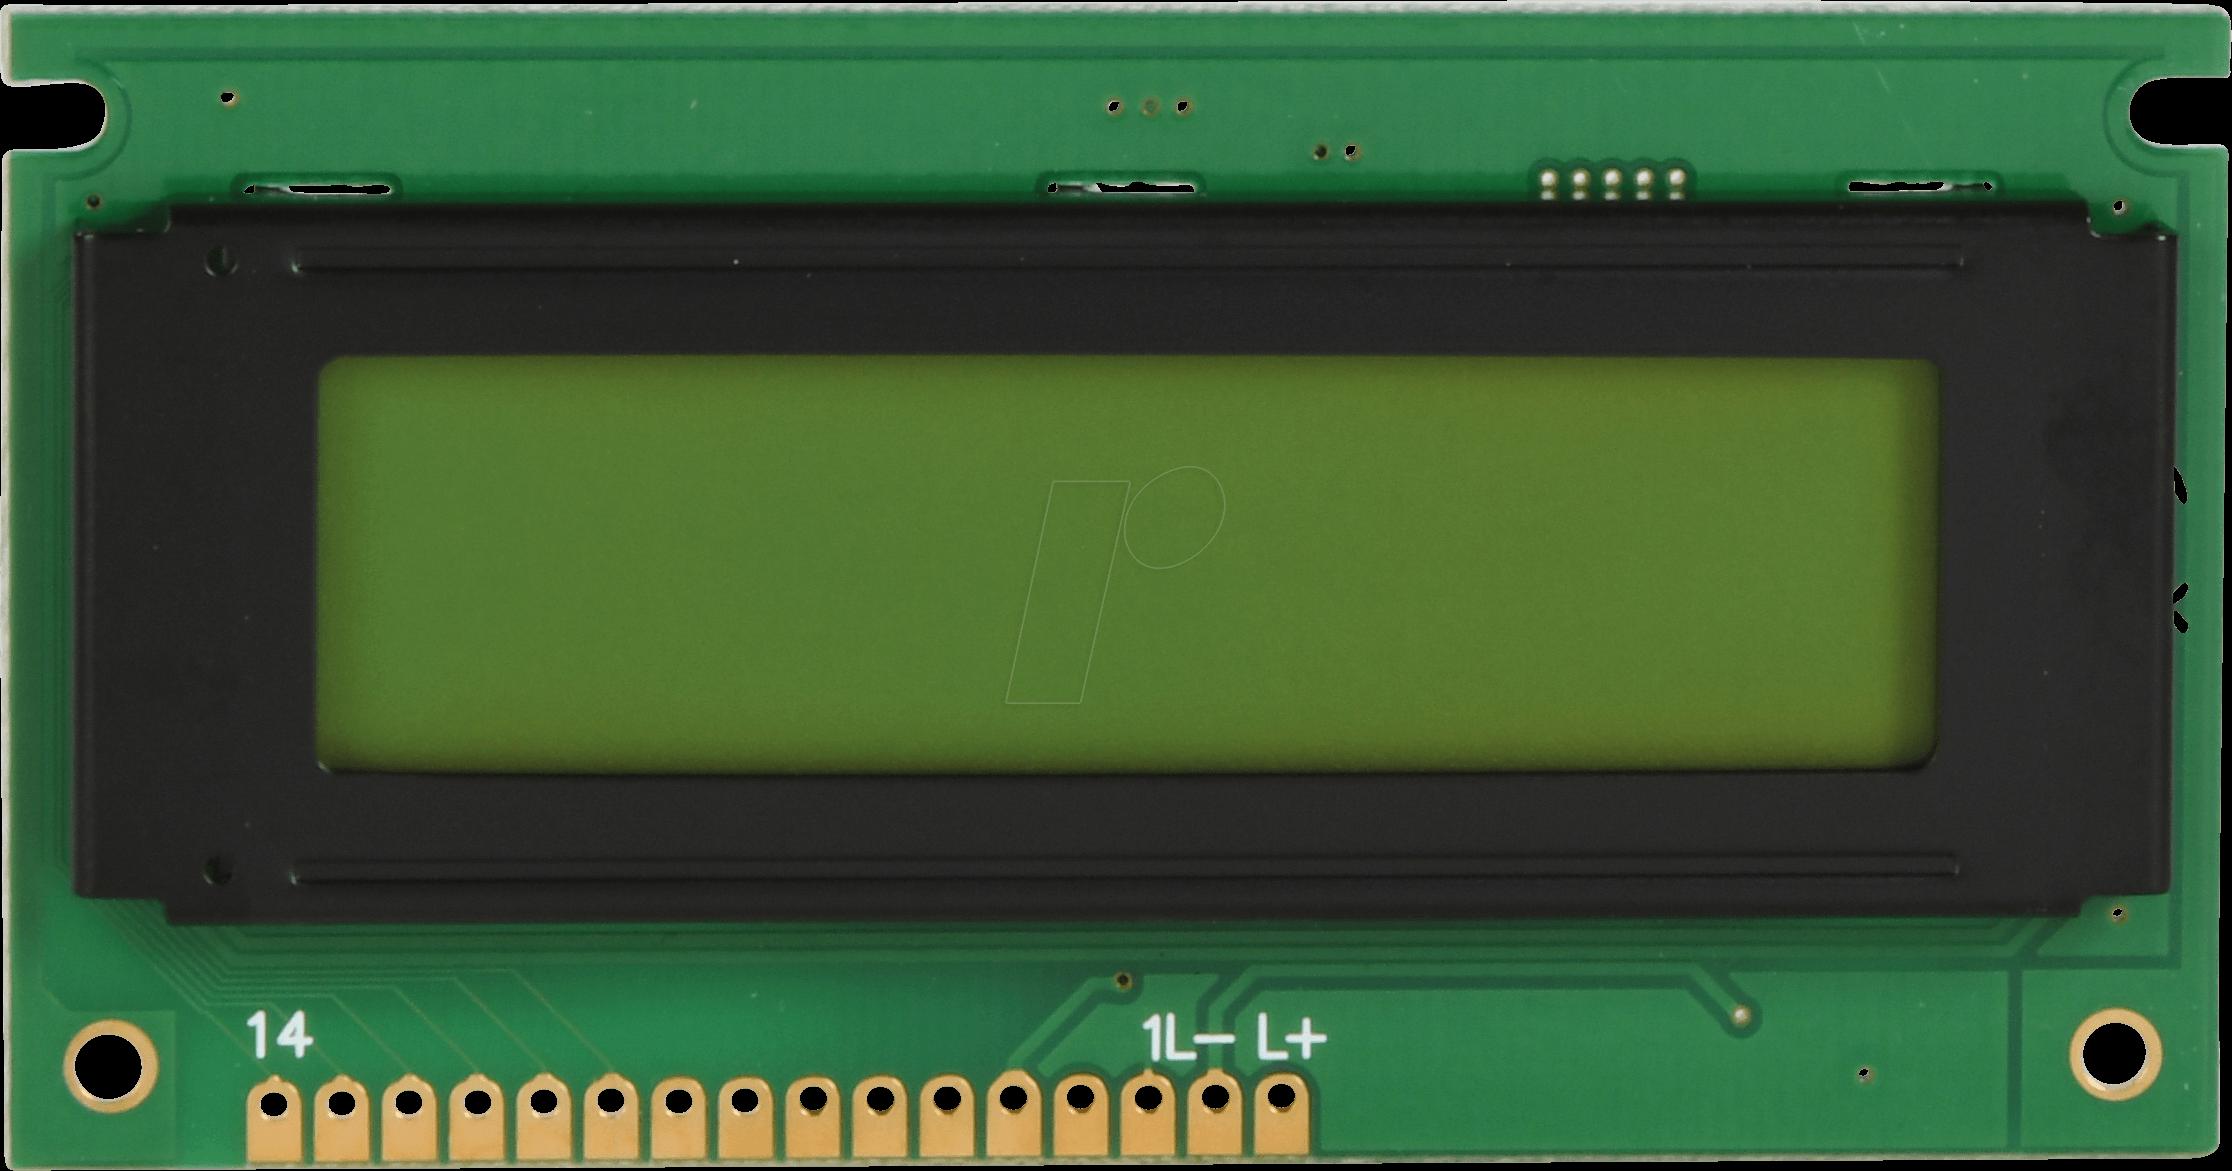 https://cdn-reichelt.de/bilder/web/xxl_ws/A500/LCD-PM_216-6_G.png